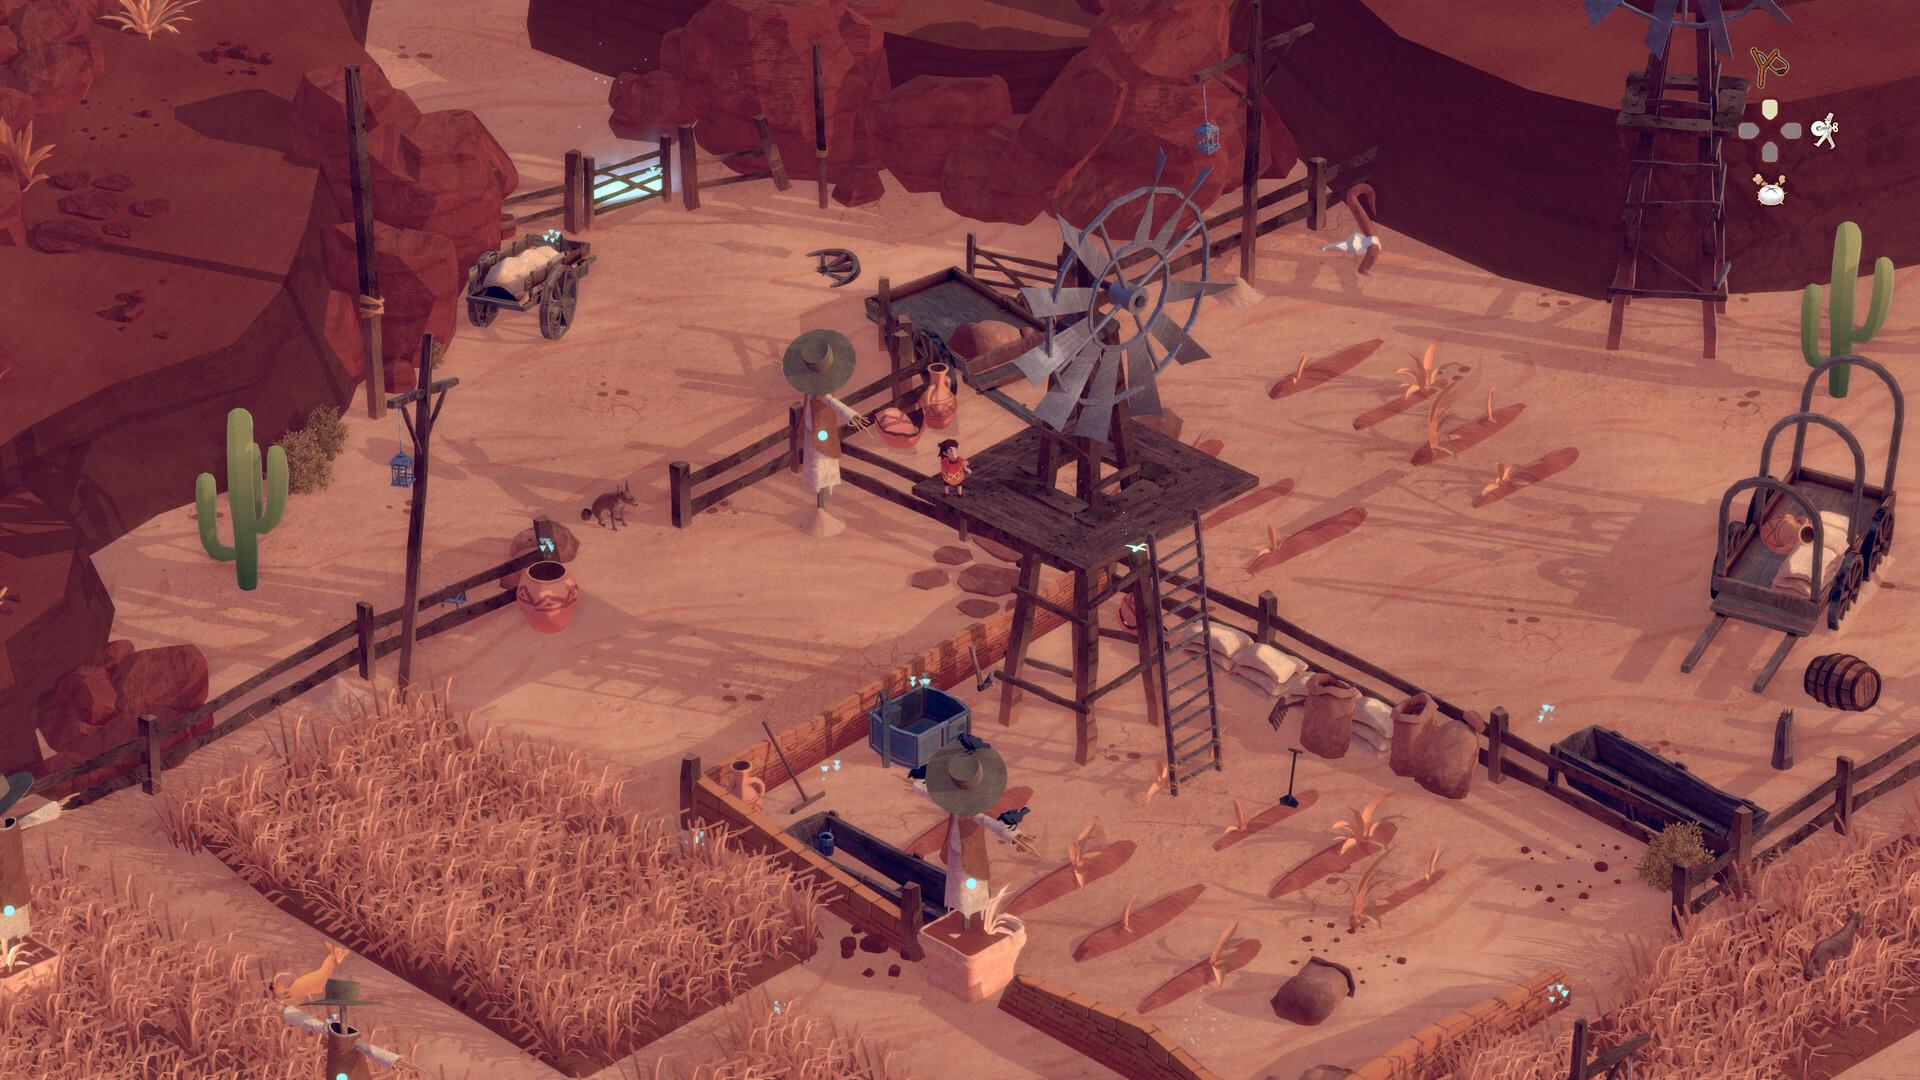 el-hijo-a-wild-west-tale-pc-screenshot-01